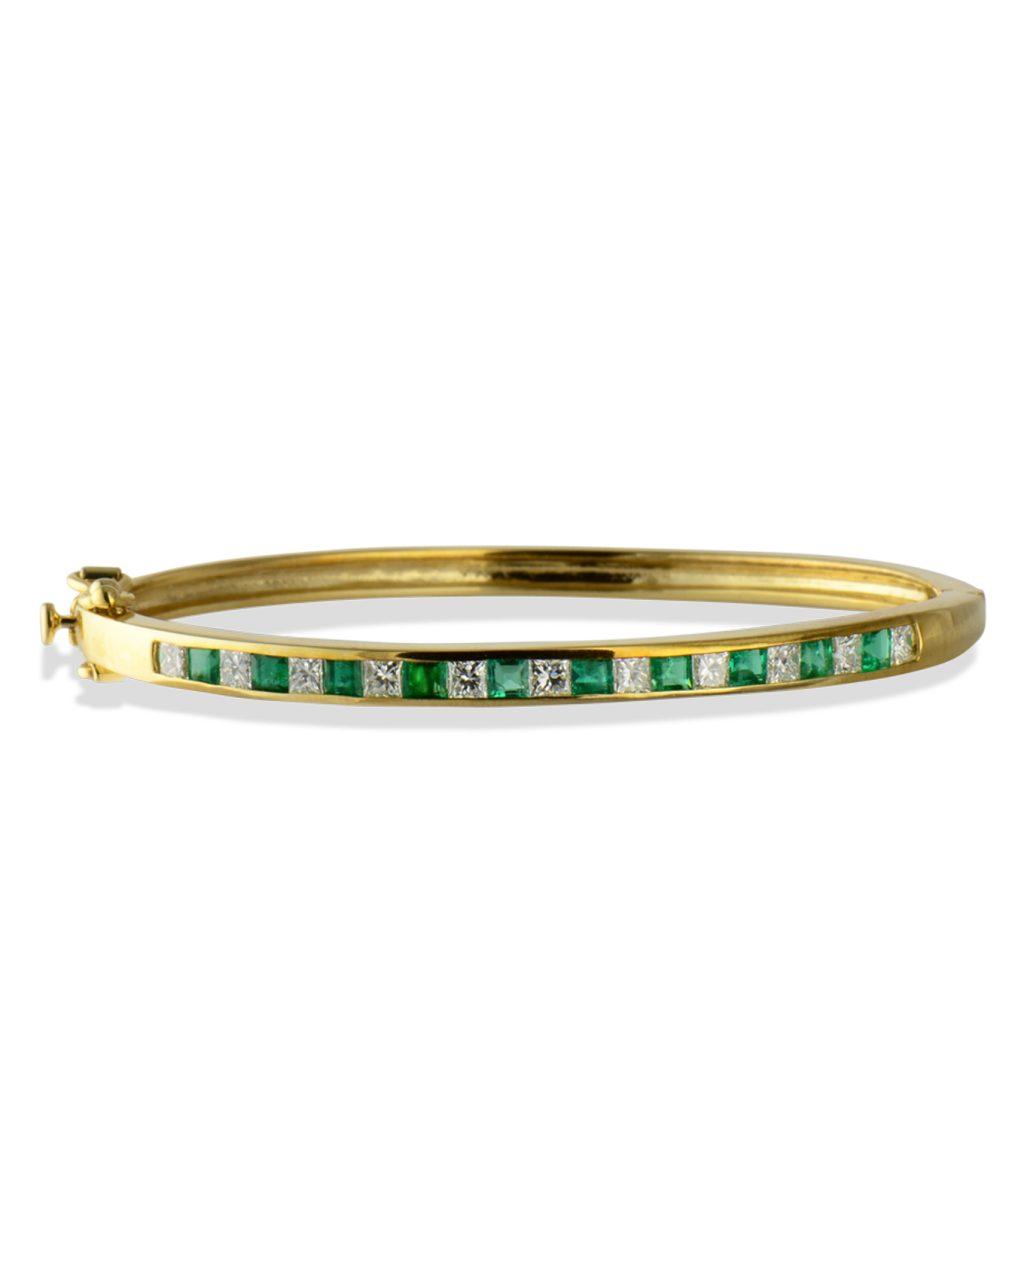 Emerald and diamond hinged bangle bracelet